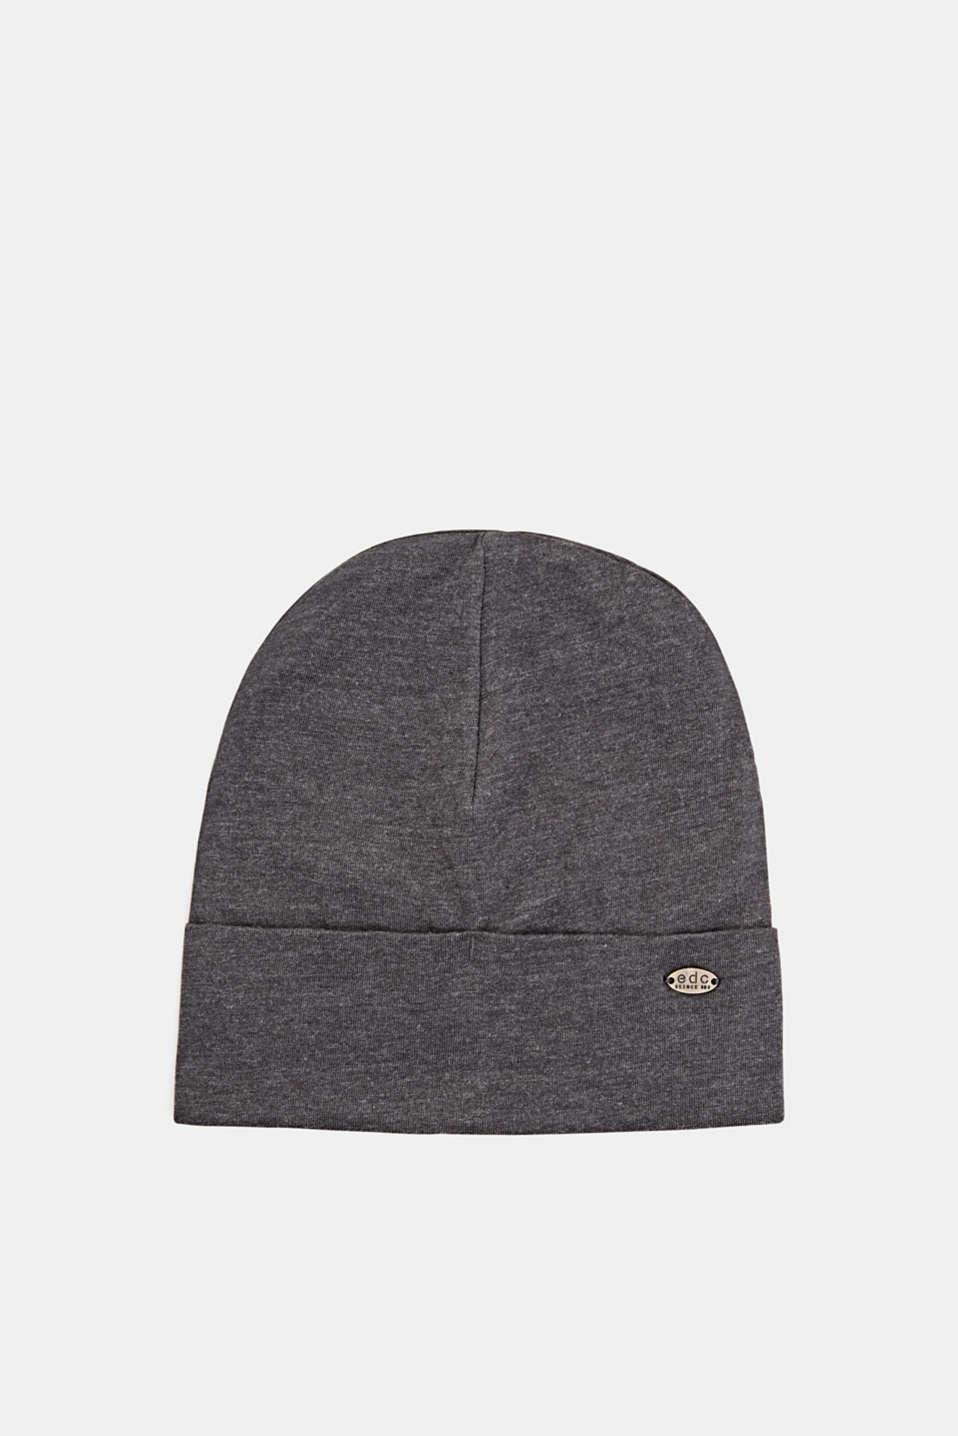 Jersey turn-up cap, DARK GREY, detail image number 0